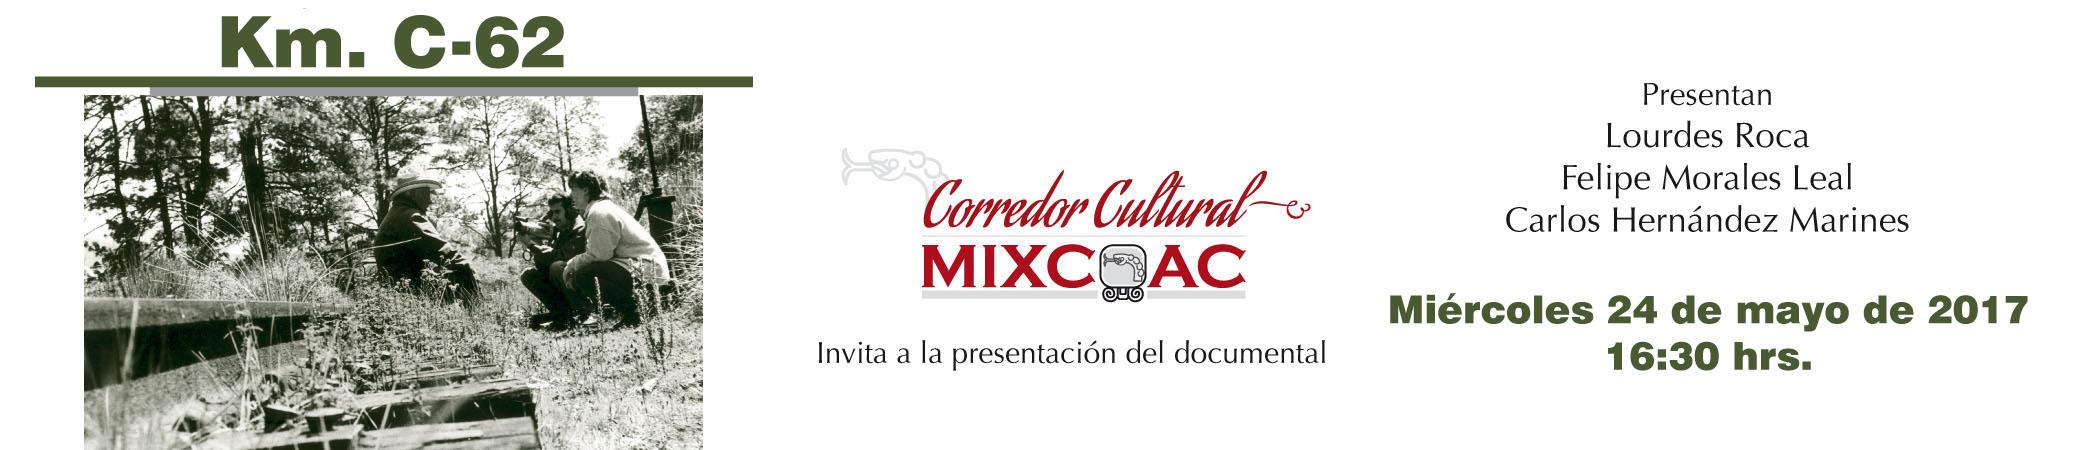 Presentación del documental Km. C-62